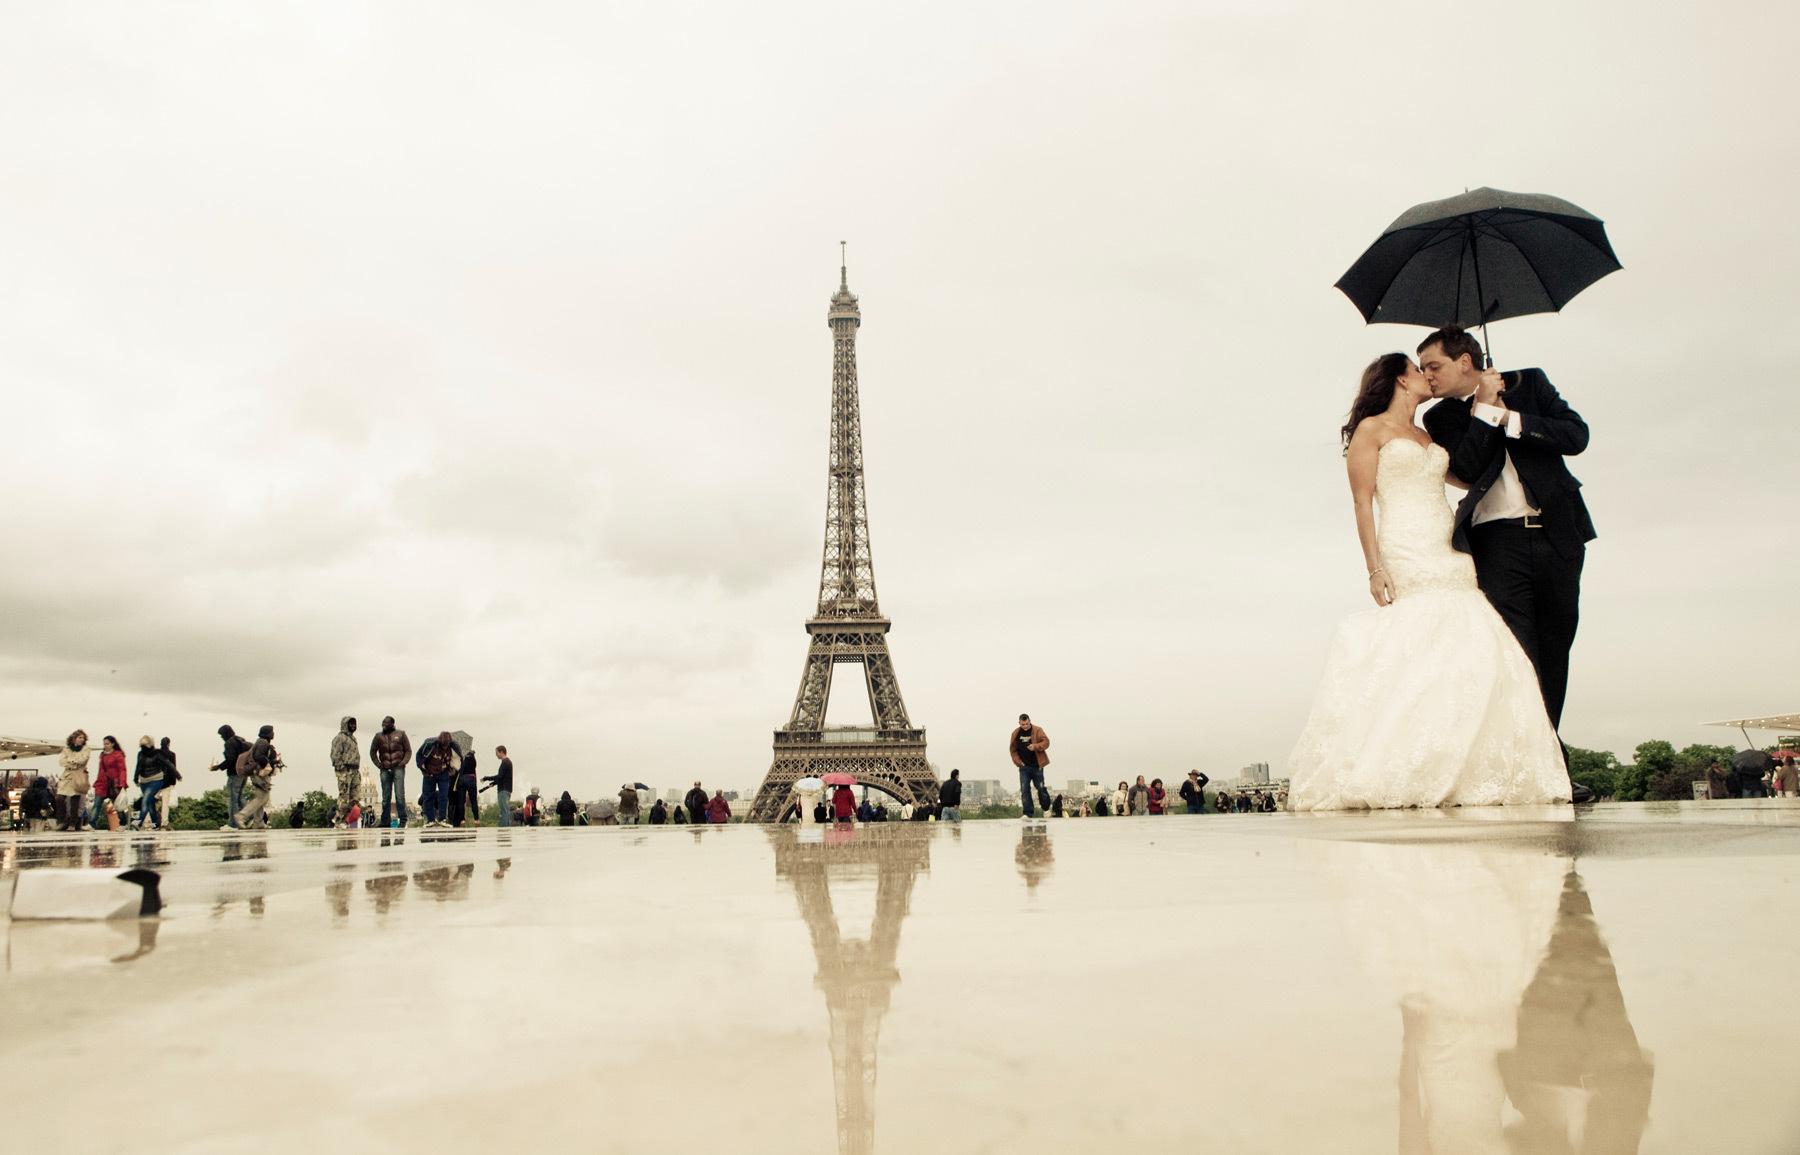 Wedding Bride Gown Dress Fasshion Mood Love Eiffel Tower